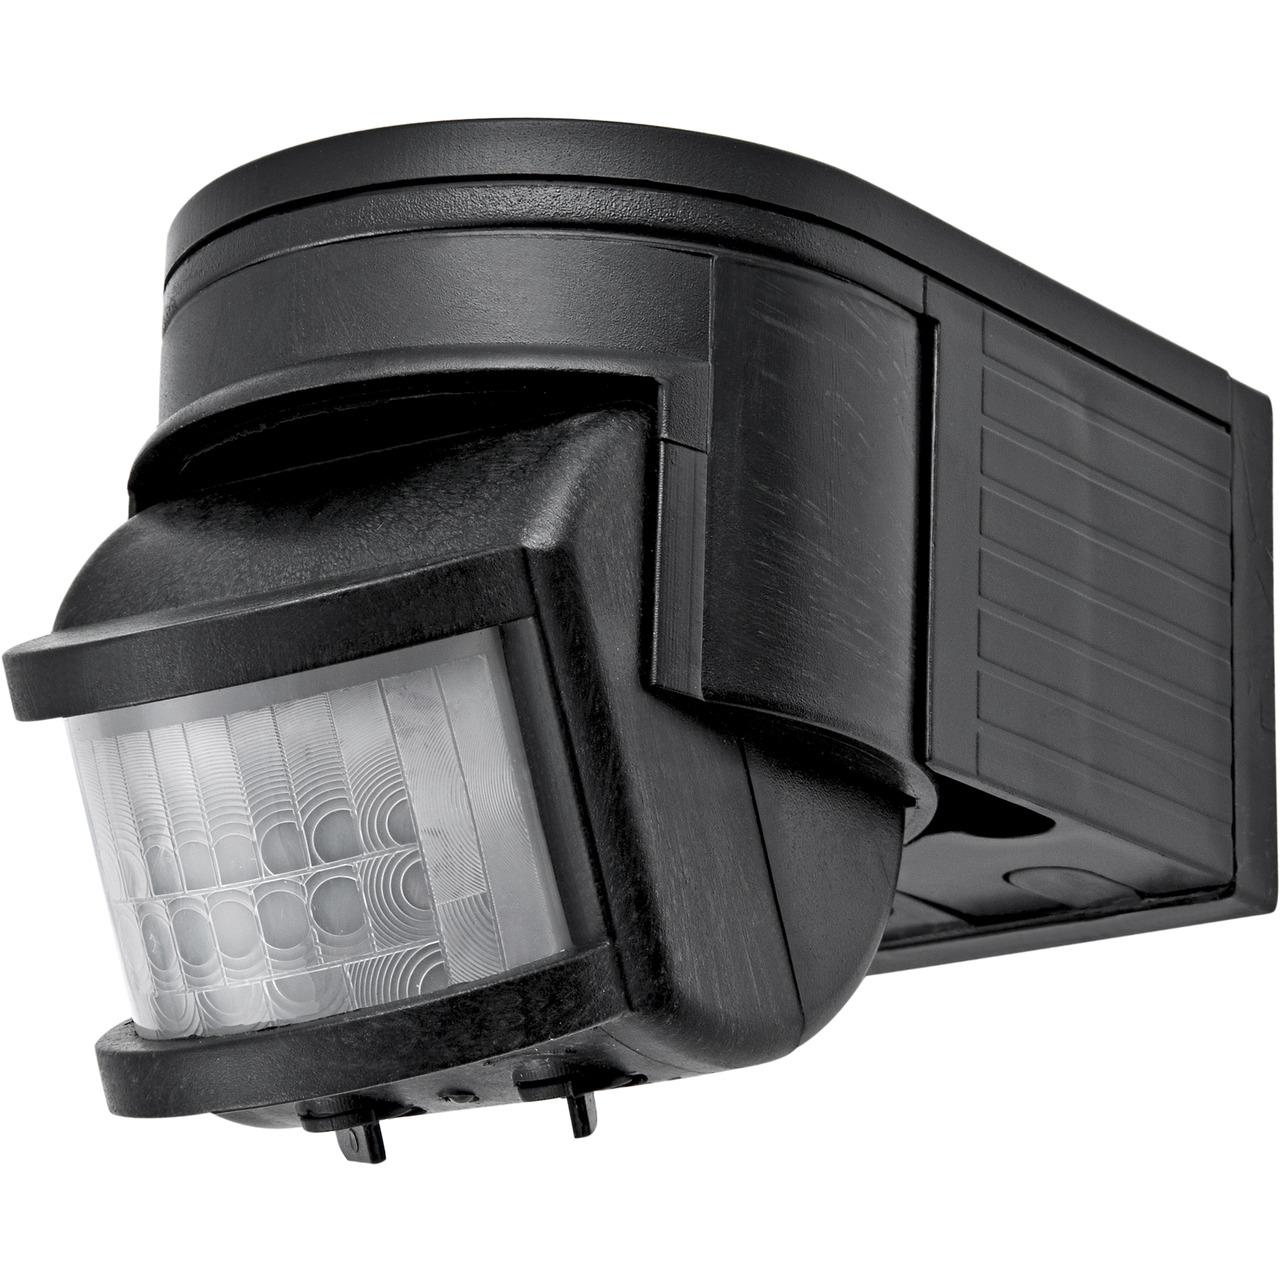 HEITRONIC SALO 180und-176  Bewegungsmelder- schwarz- LED-geeignet